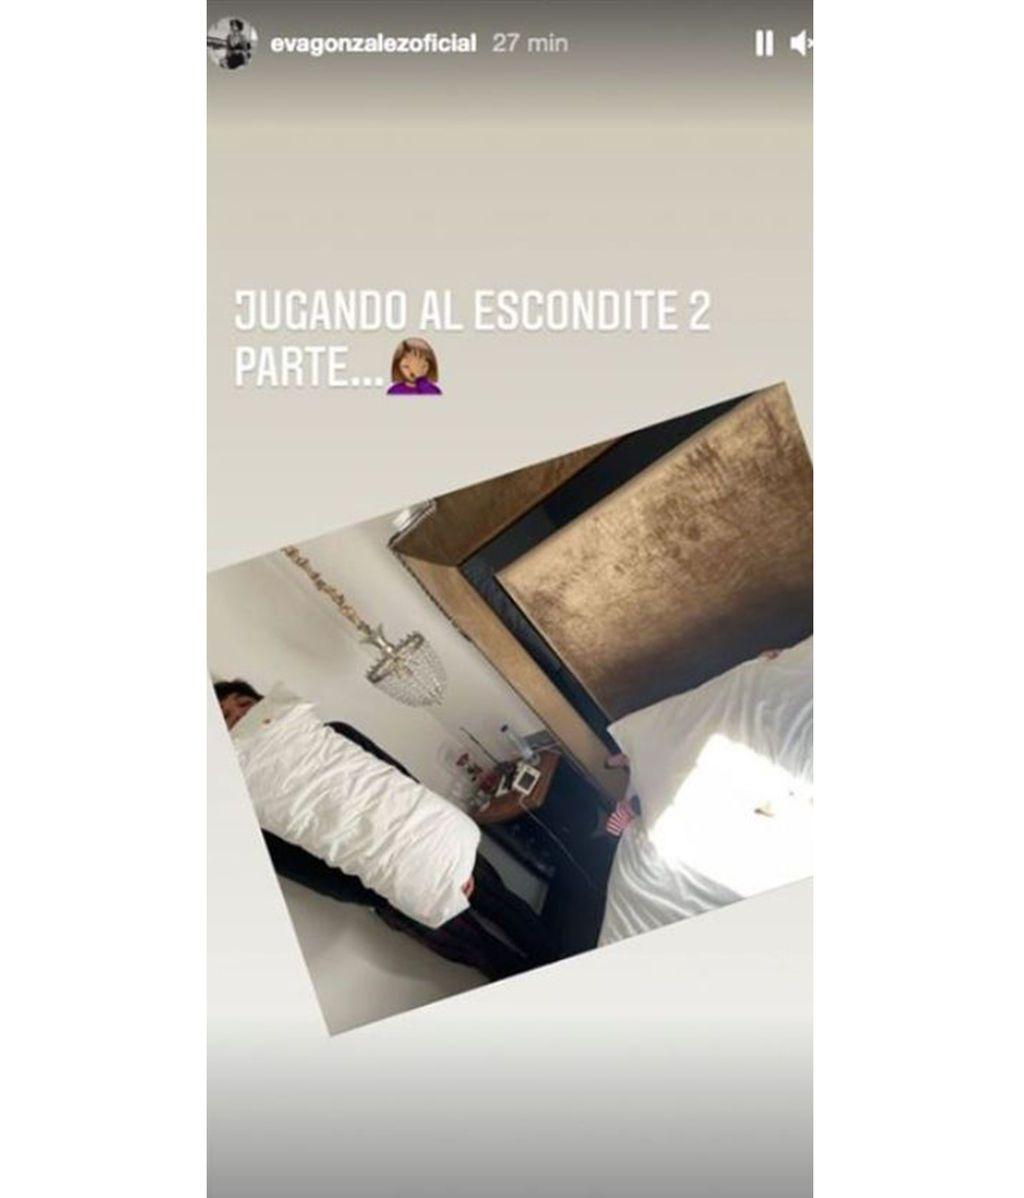 Eva González y Cayetano Rivera se lo pasan en grande jugando al escondite con su hijo